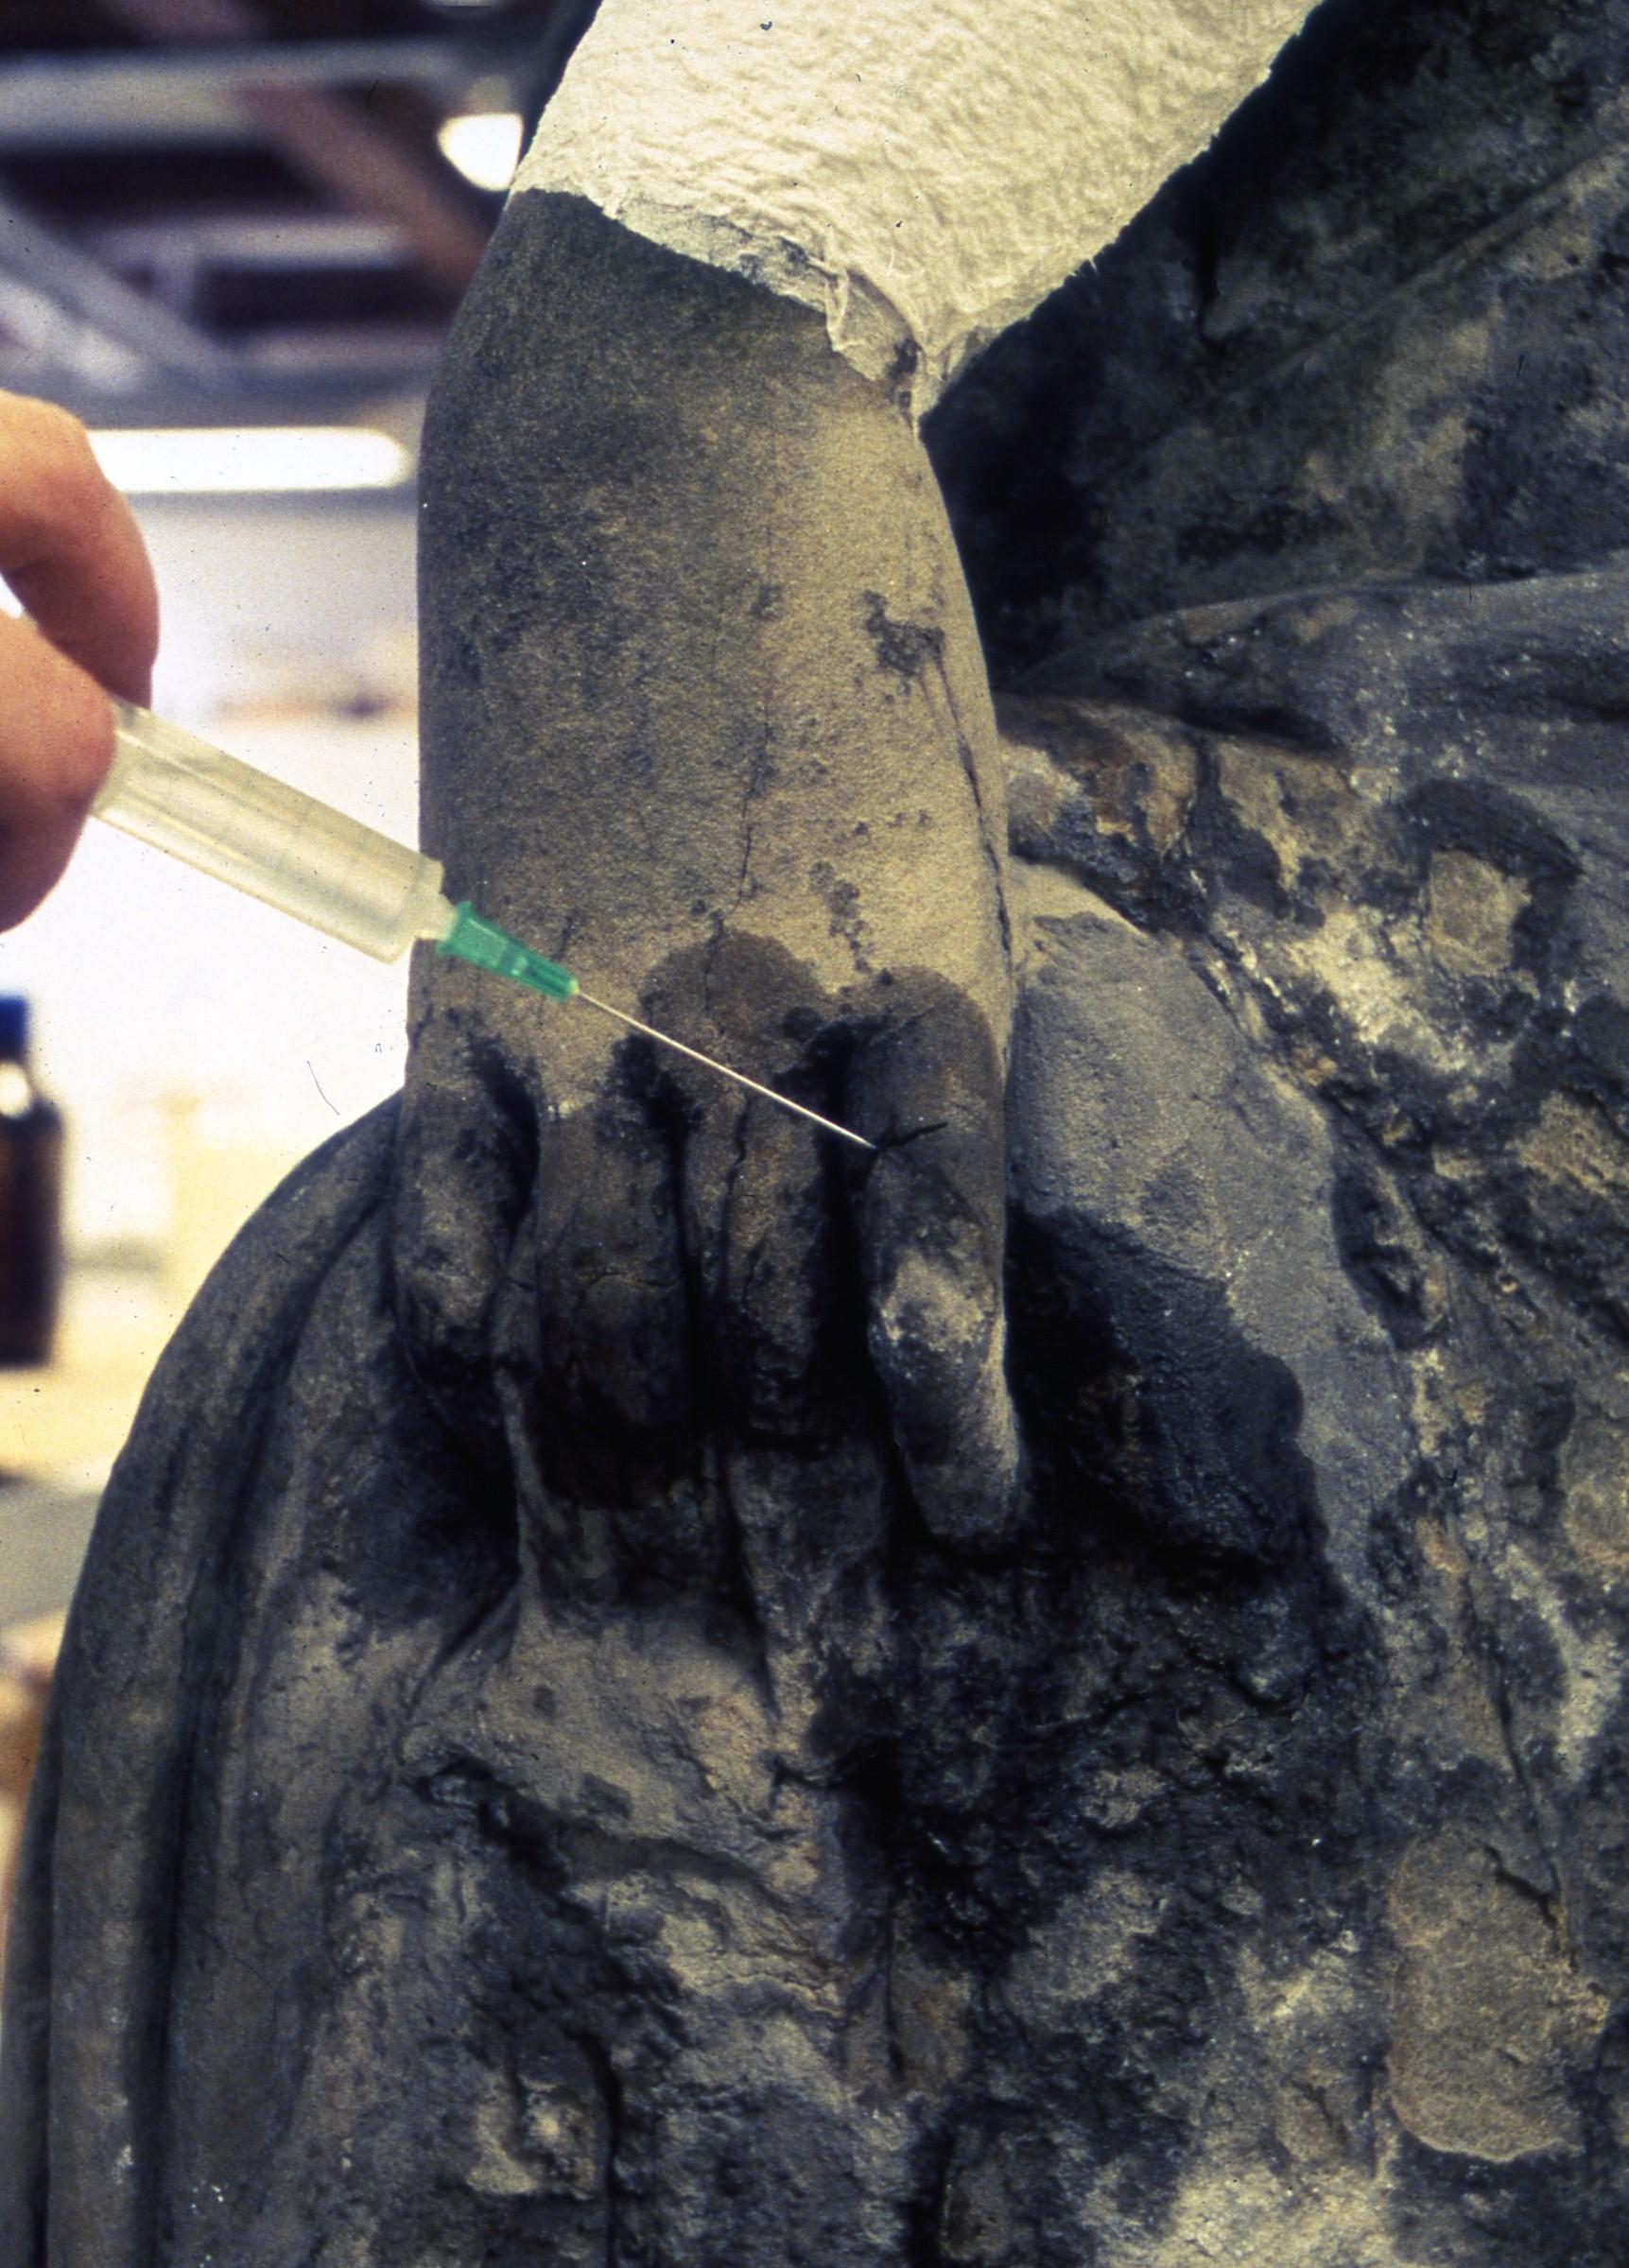 Säkringsåtgärder  Åtgärder som syftar till att skydda särskilt utsatta eller starkt vittrade delar från att skadas under konserveringsprocessen.  Vanligtvishandlar det om att förstärka stenen partiellt inför rengöringen genom prekonsolidering eller lagning och limning.